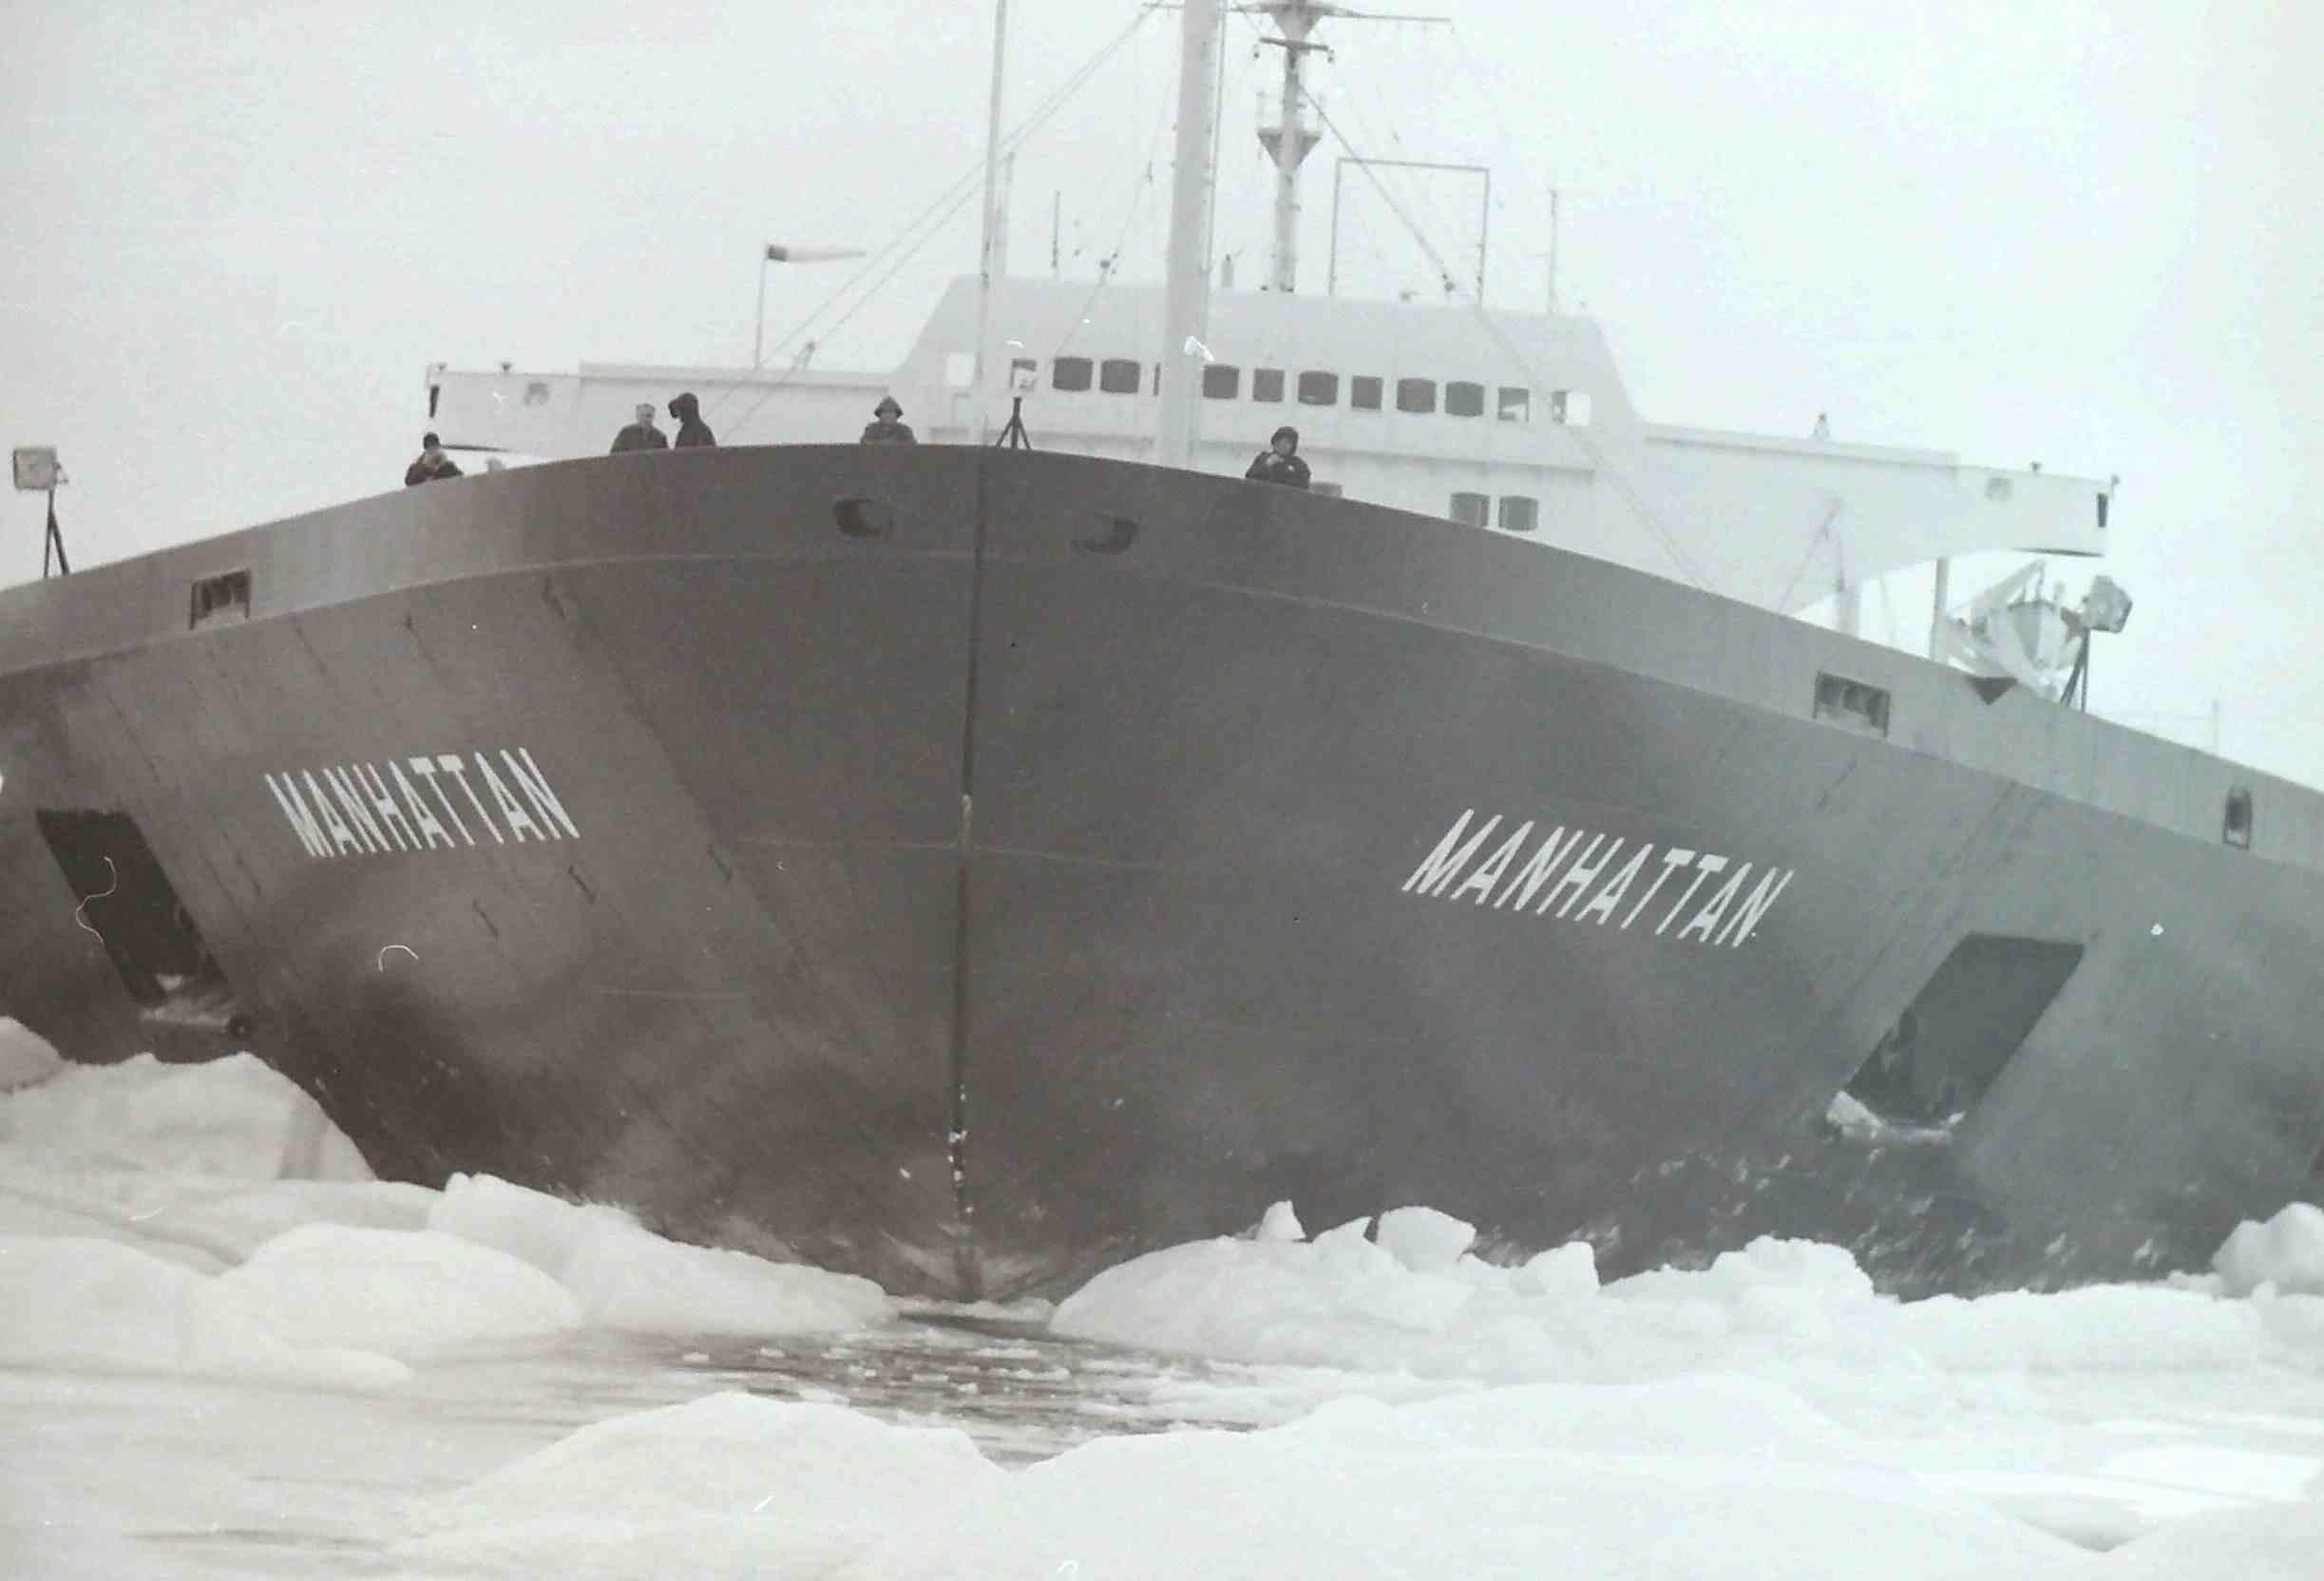 b37e7bafa2 SS Manhattan signals an open Northwest Passage - Fossil Fire